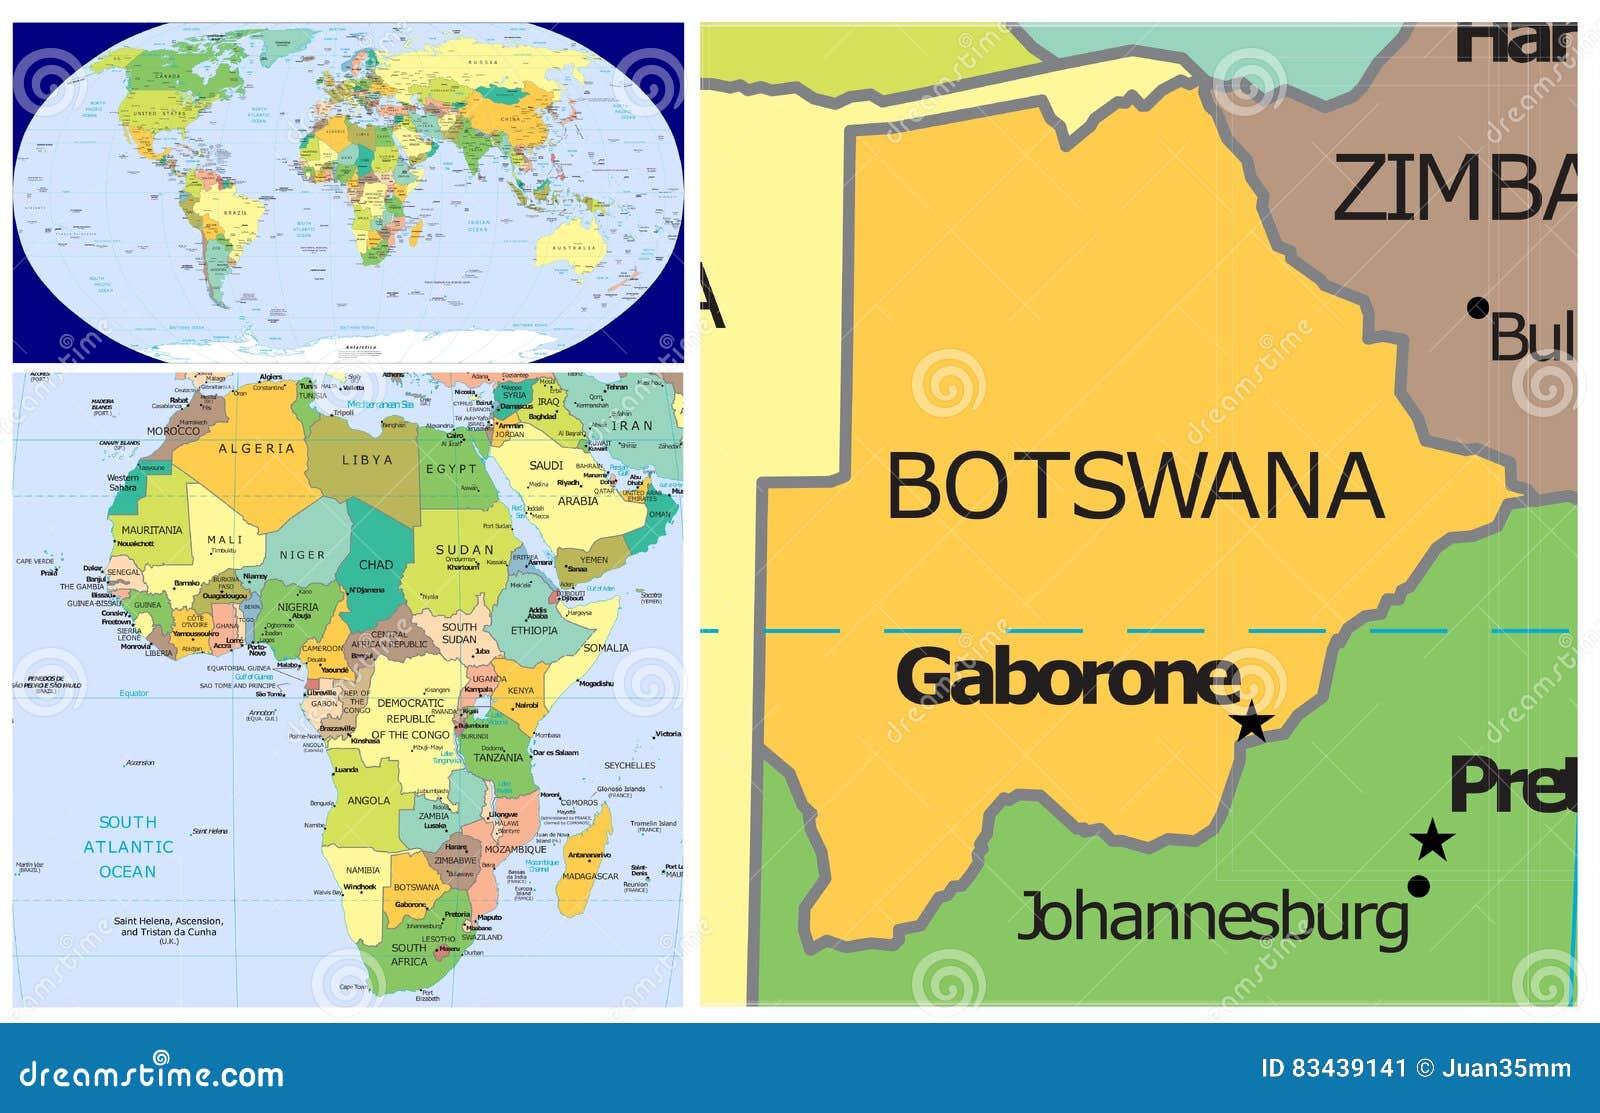 Picture of: Botswana World Stock Illustration Illustration Of Congo 83439141